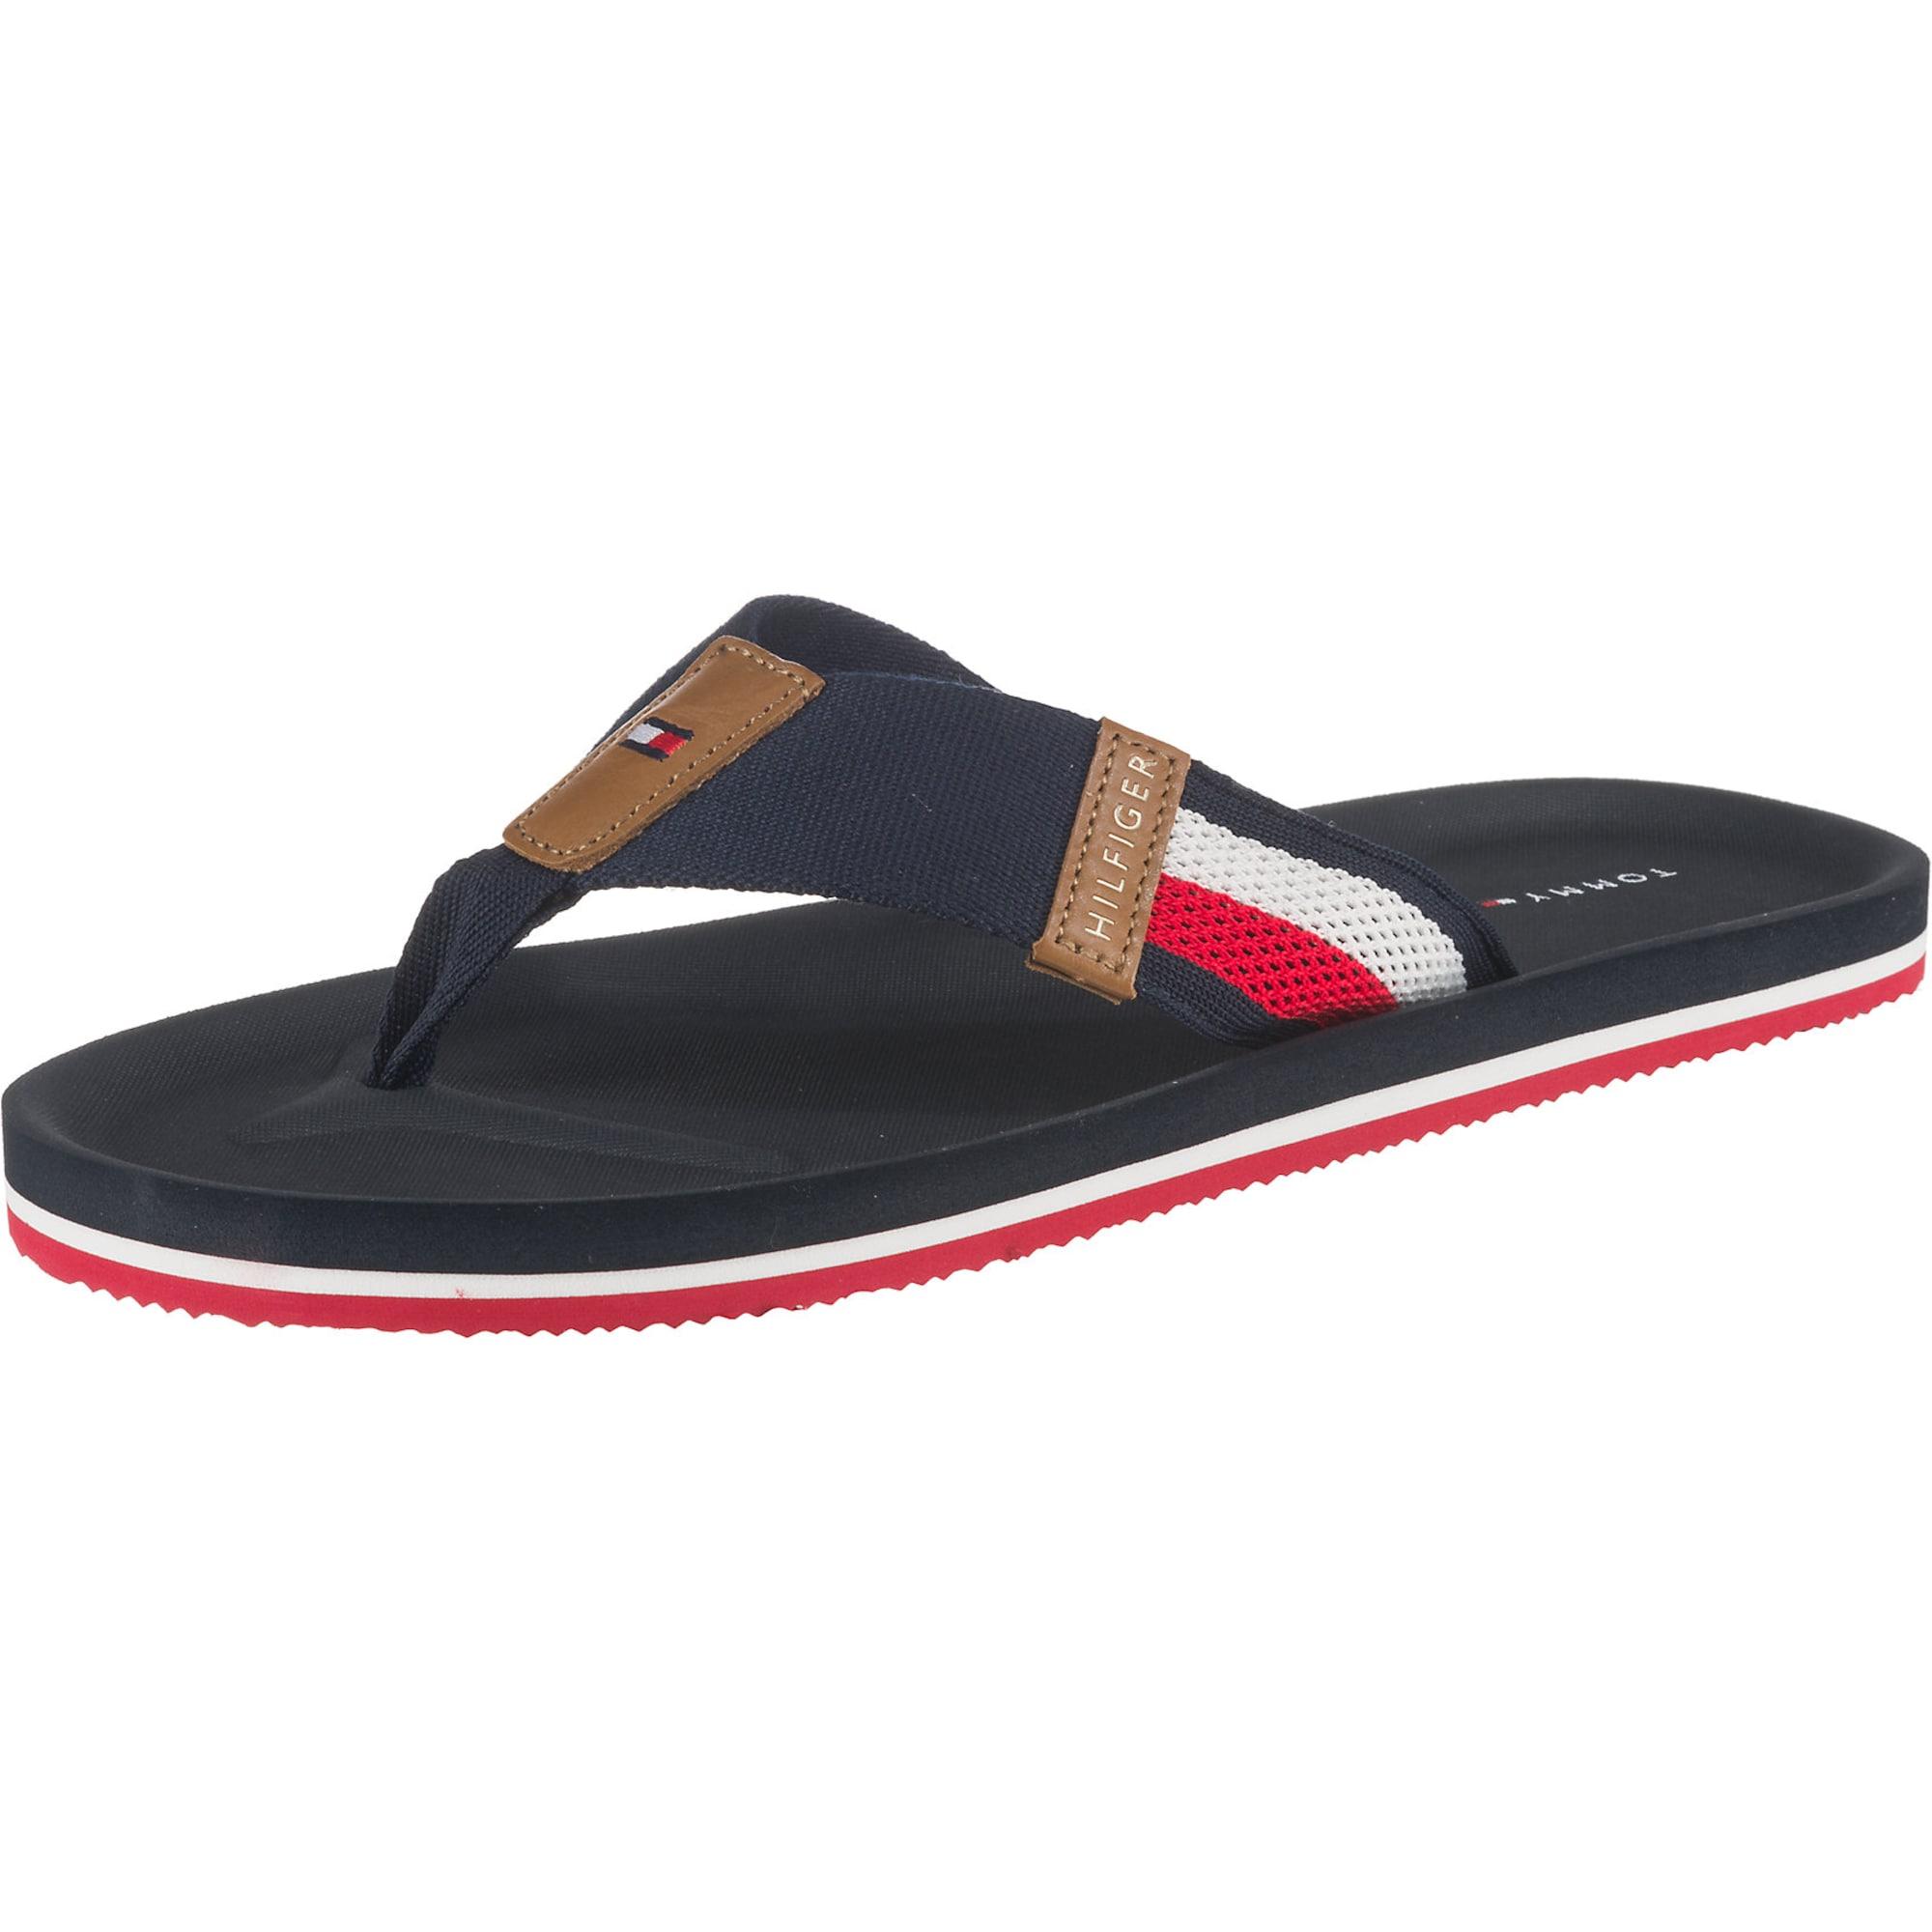 Zehentrenner 'Corporate'   Schuhe > Sandalen & Zehentrenner > Zehentrenner   Hellbraun - Weiß   Tommy Hilfiger